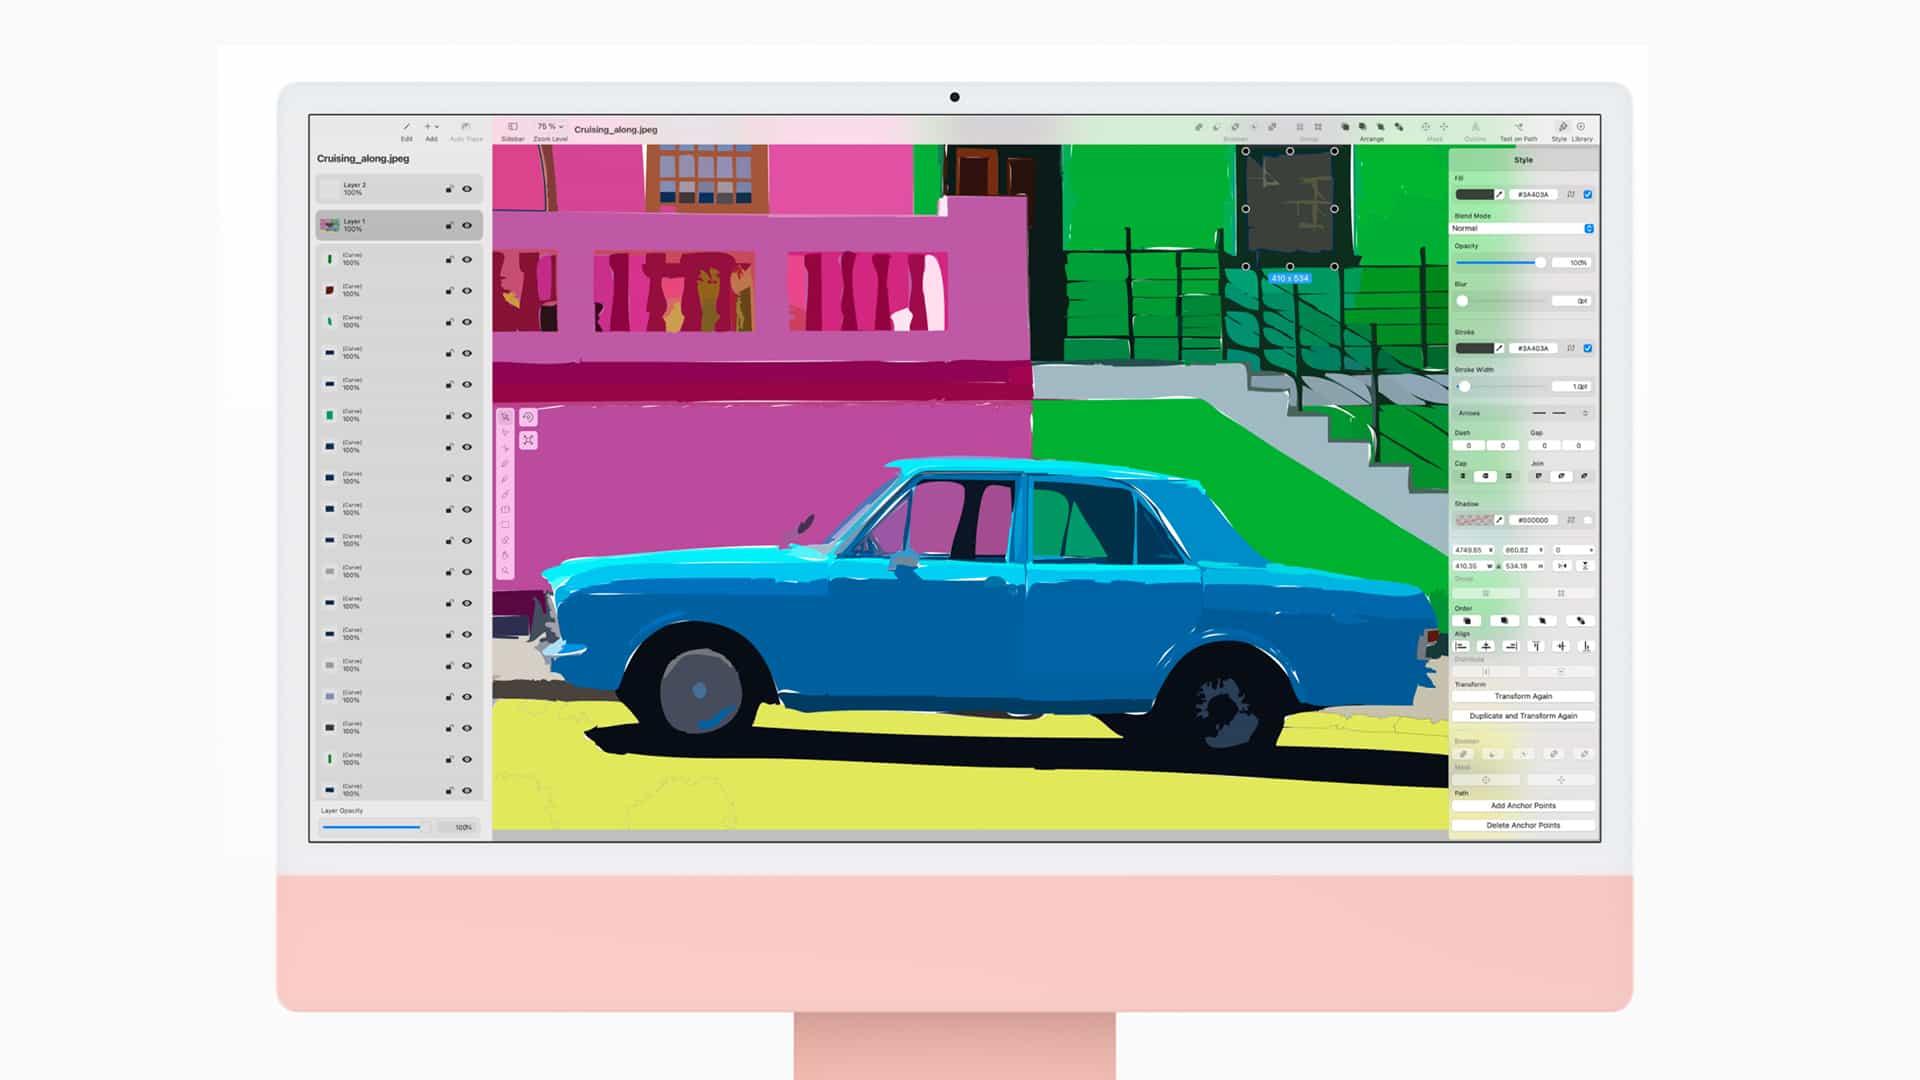 Con el nuevo iMac 2021, Apple vuelve a su estilo retro y divertido